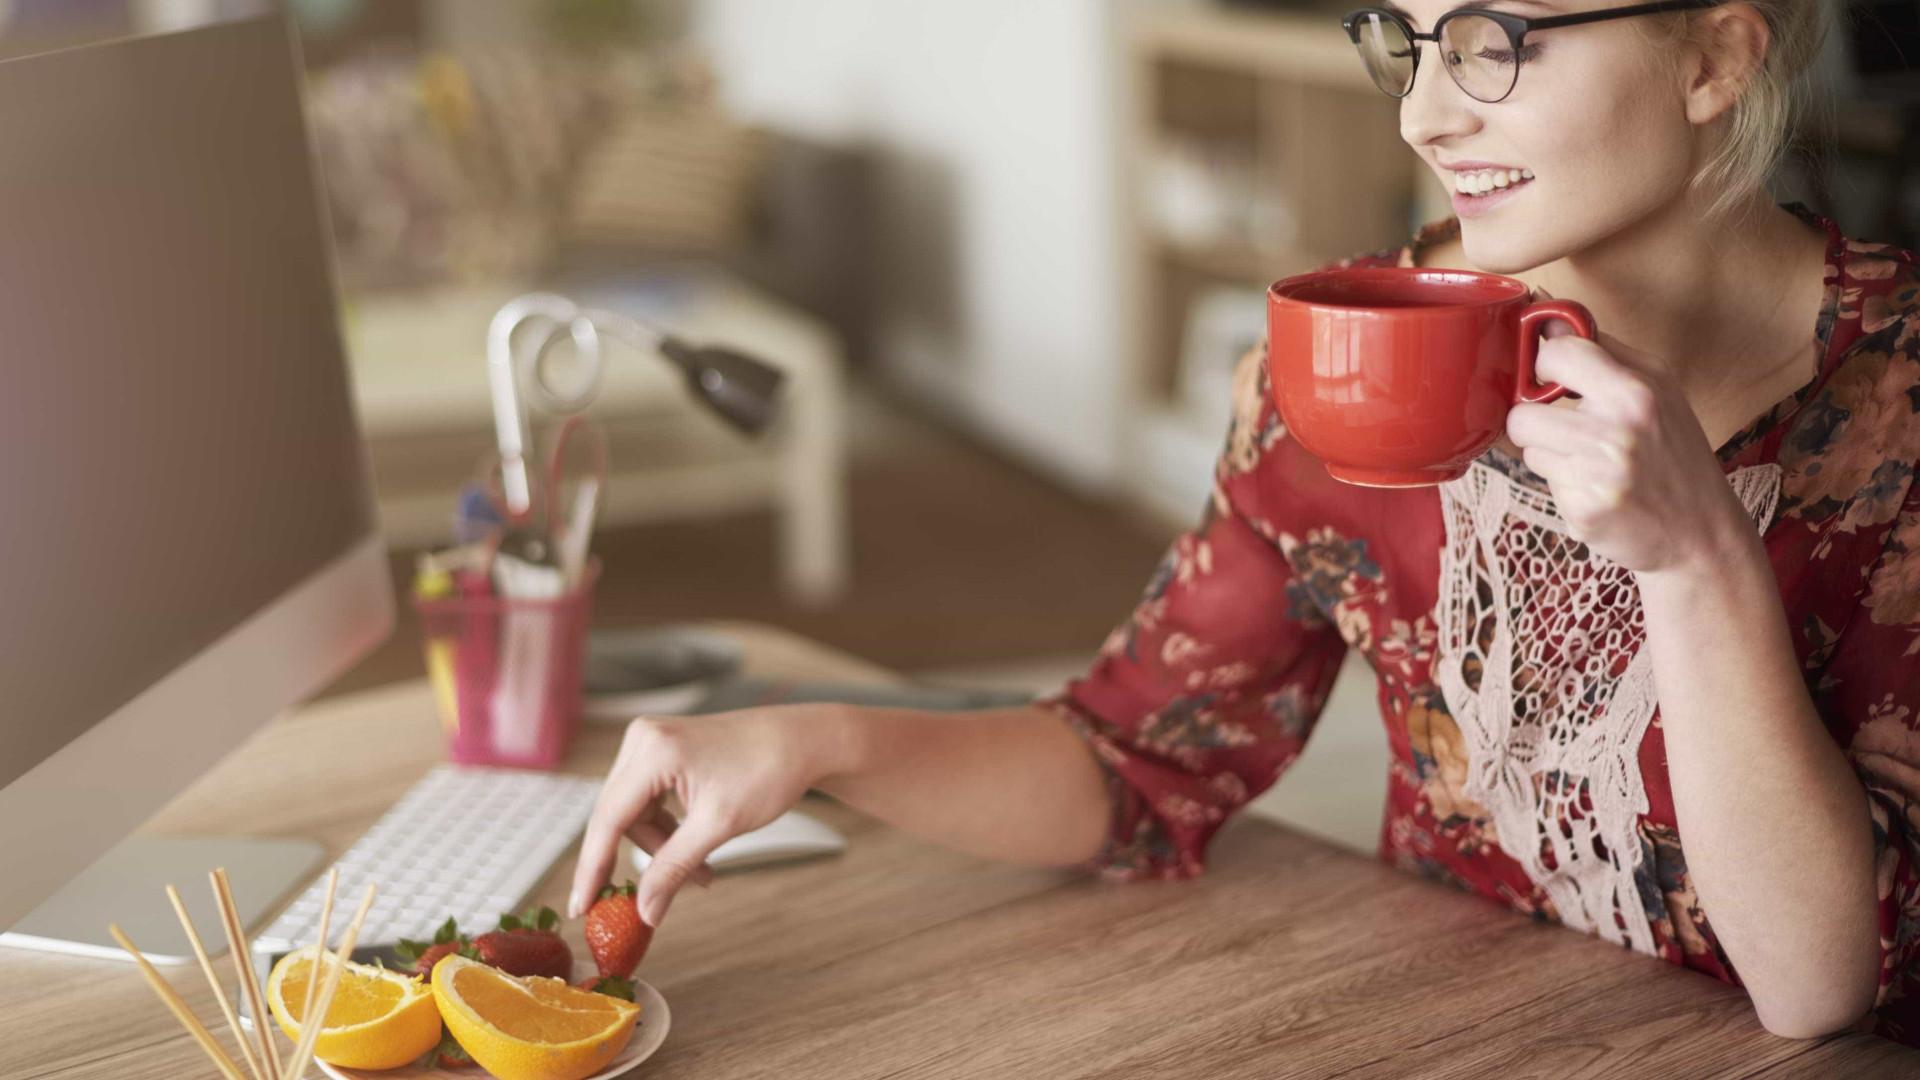 Sete formas práticas de ser mais saudável no trabalho